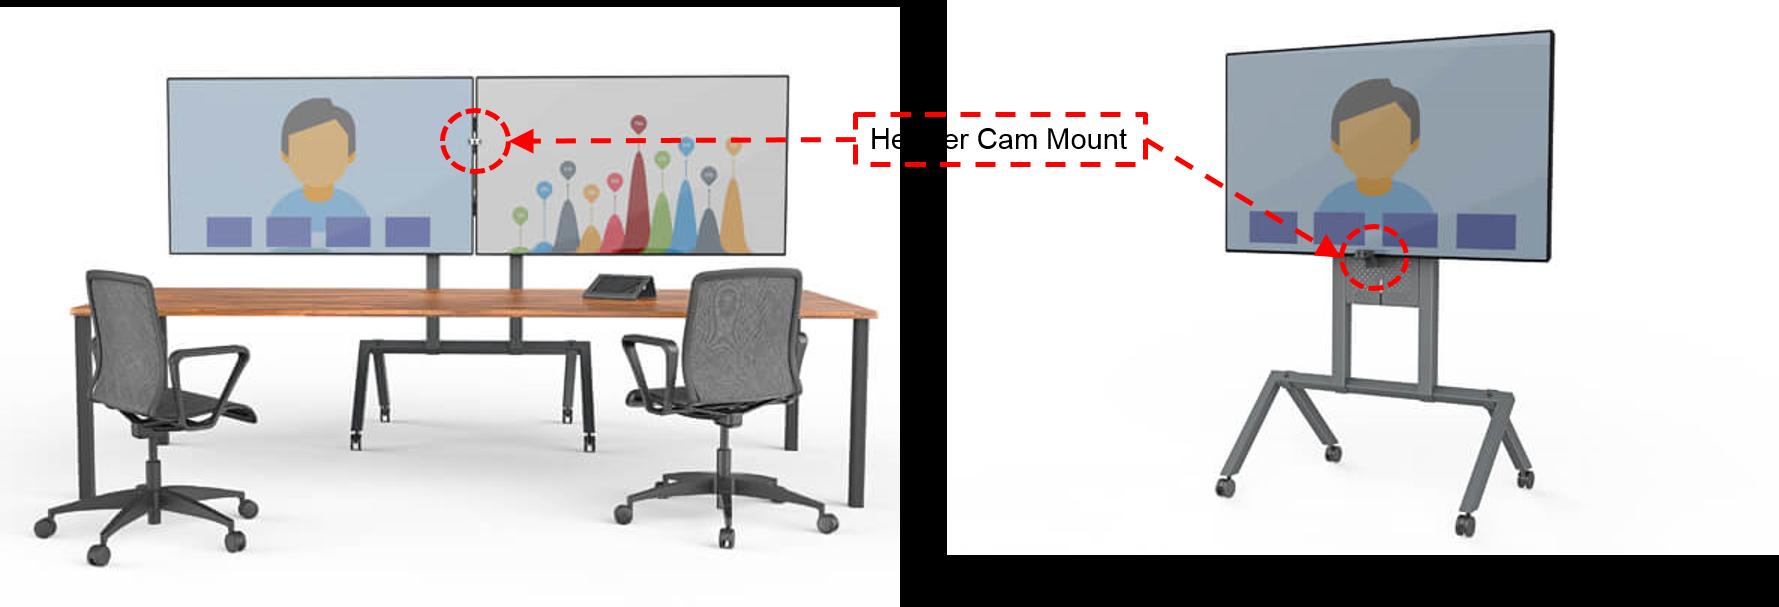 Heckler Design Camera Mount